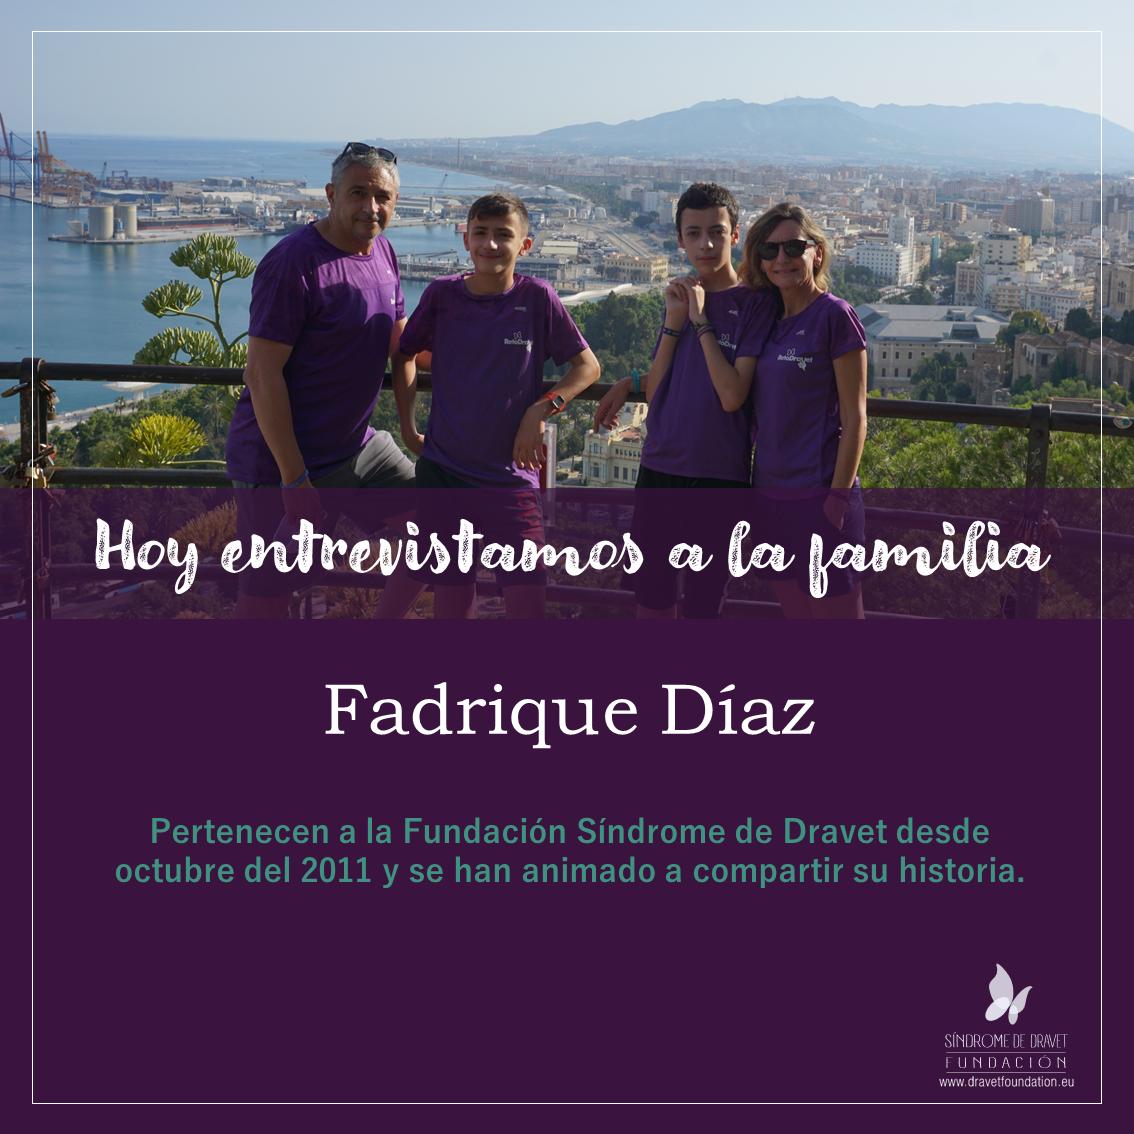 Entrevistamos a la familia Fadrique Díaz